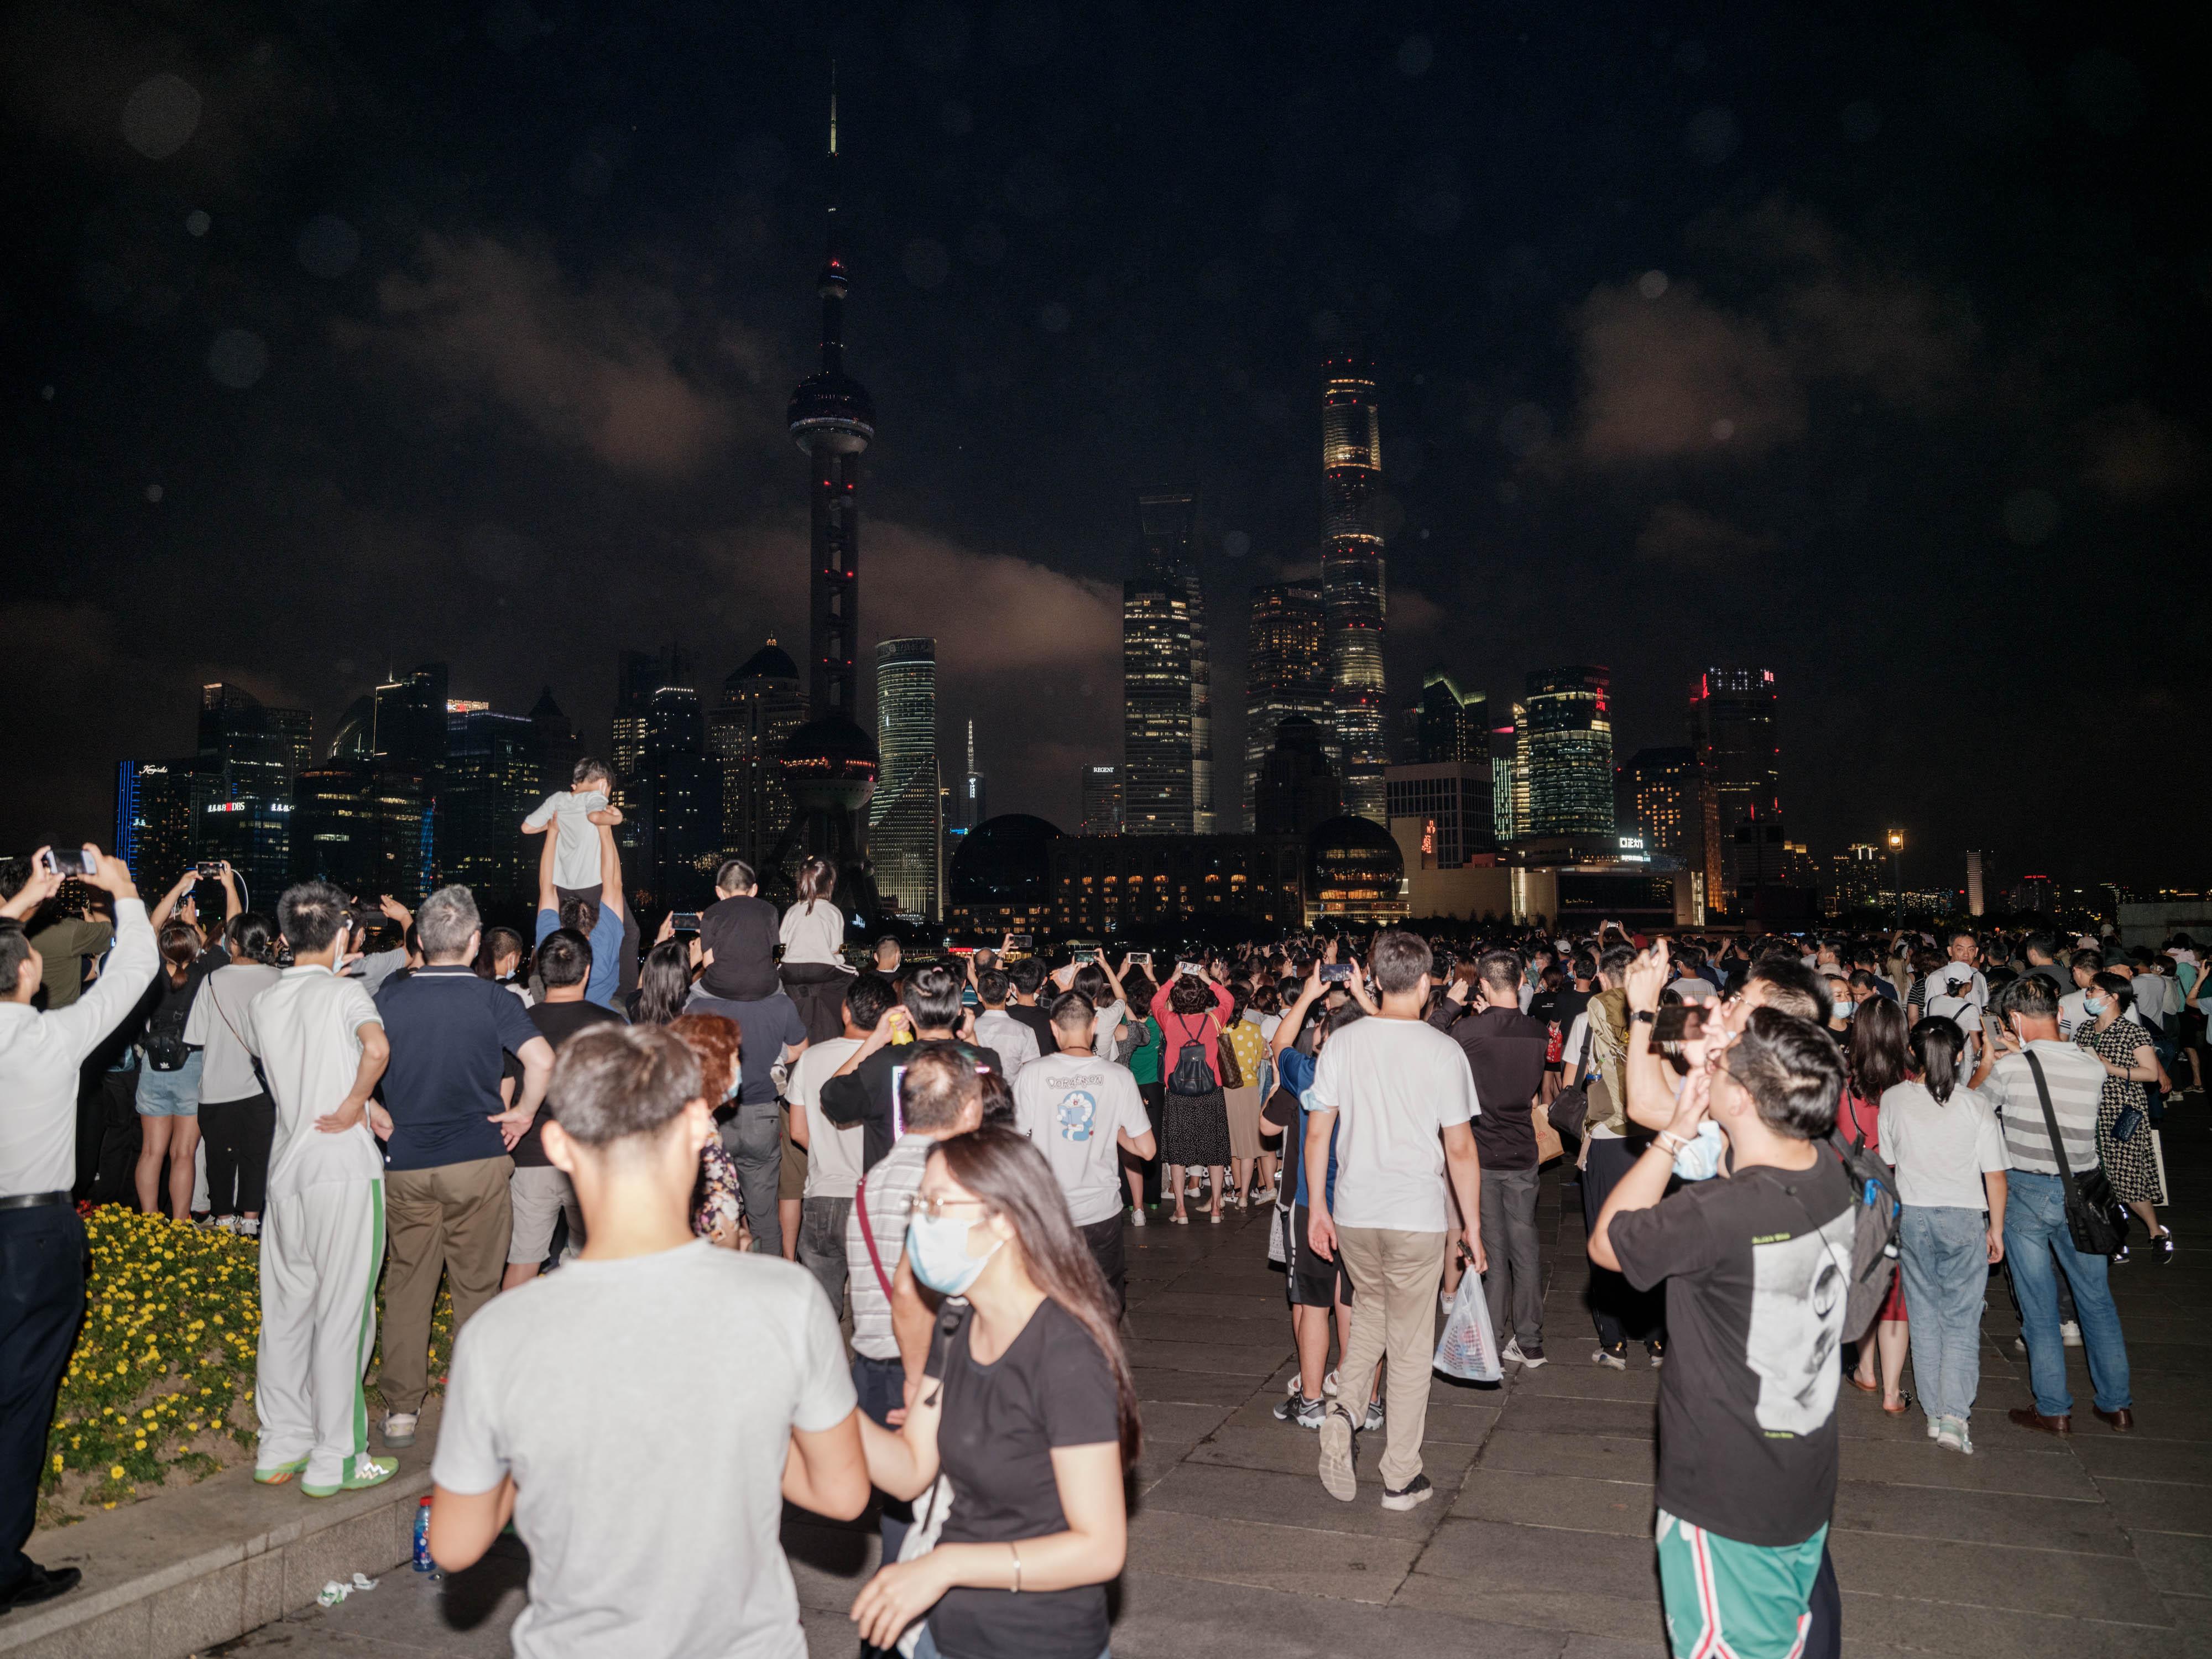 人们从四面八方来看灯光秀,孩子和手机都被举得高高。